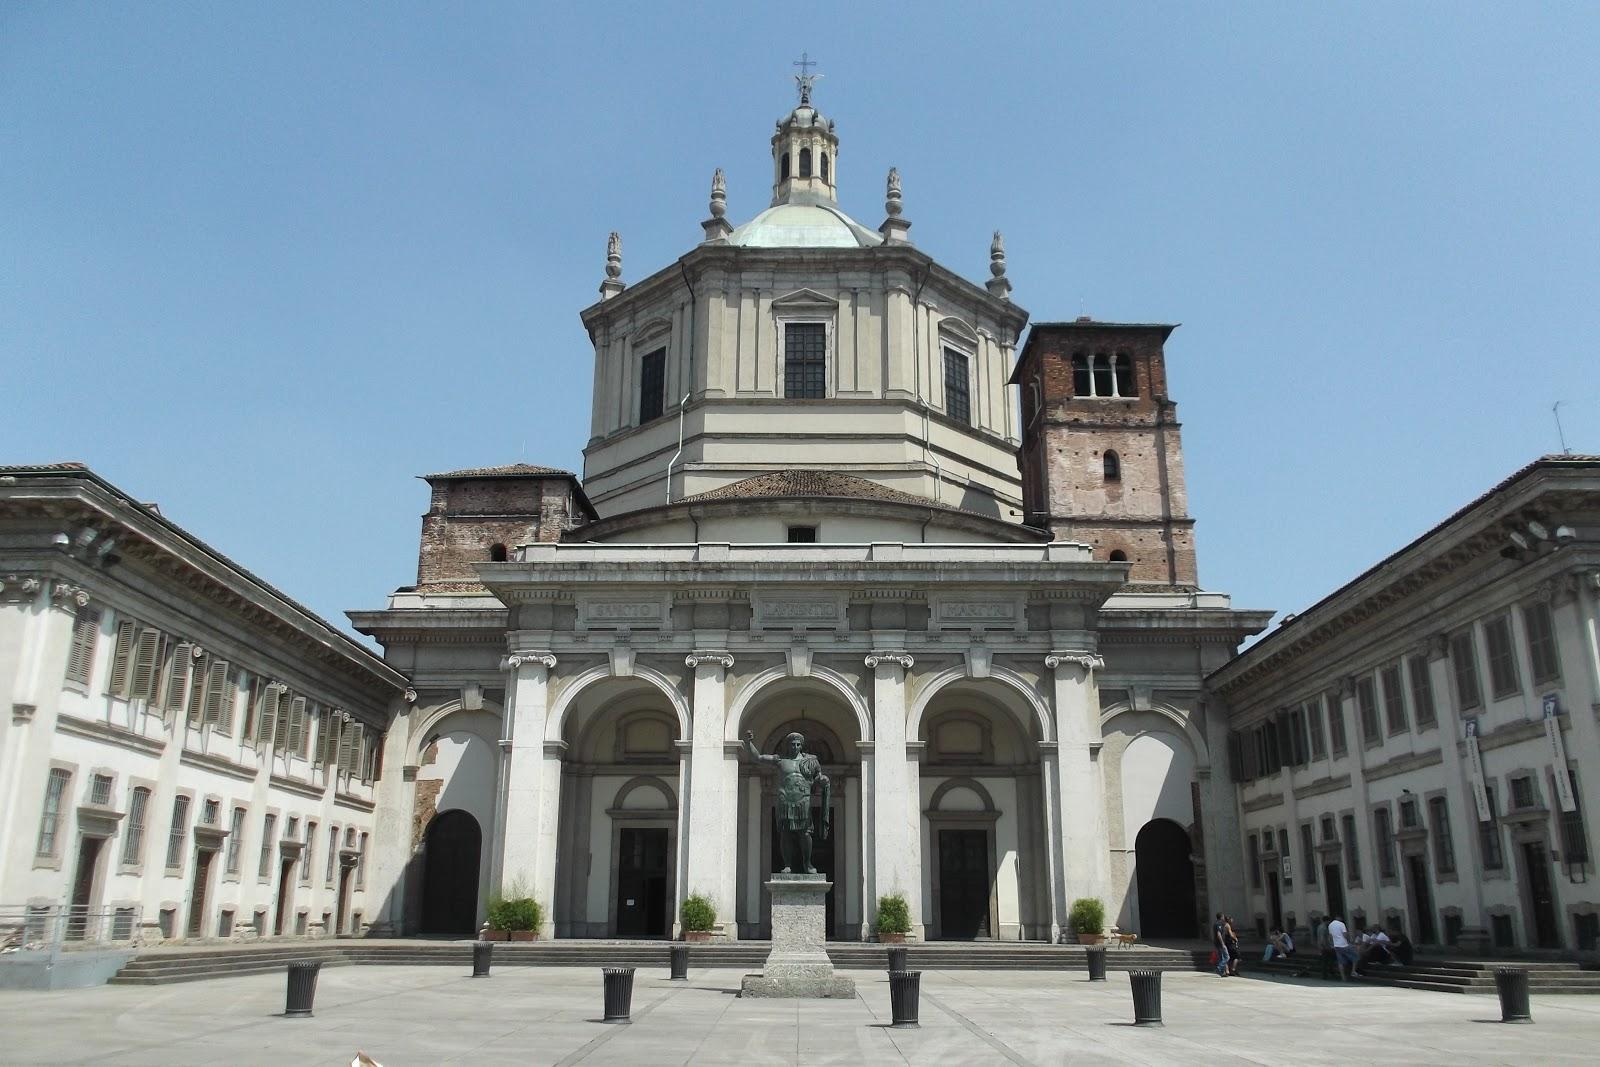 サン・ロレンツォ・マッジョーレ大聖堂のコンタンティヌス大帝の彫像が立てられた正面広場の景観